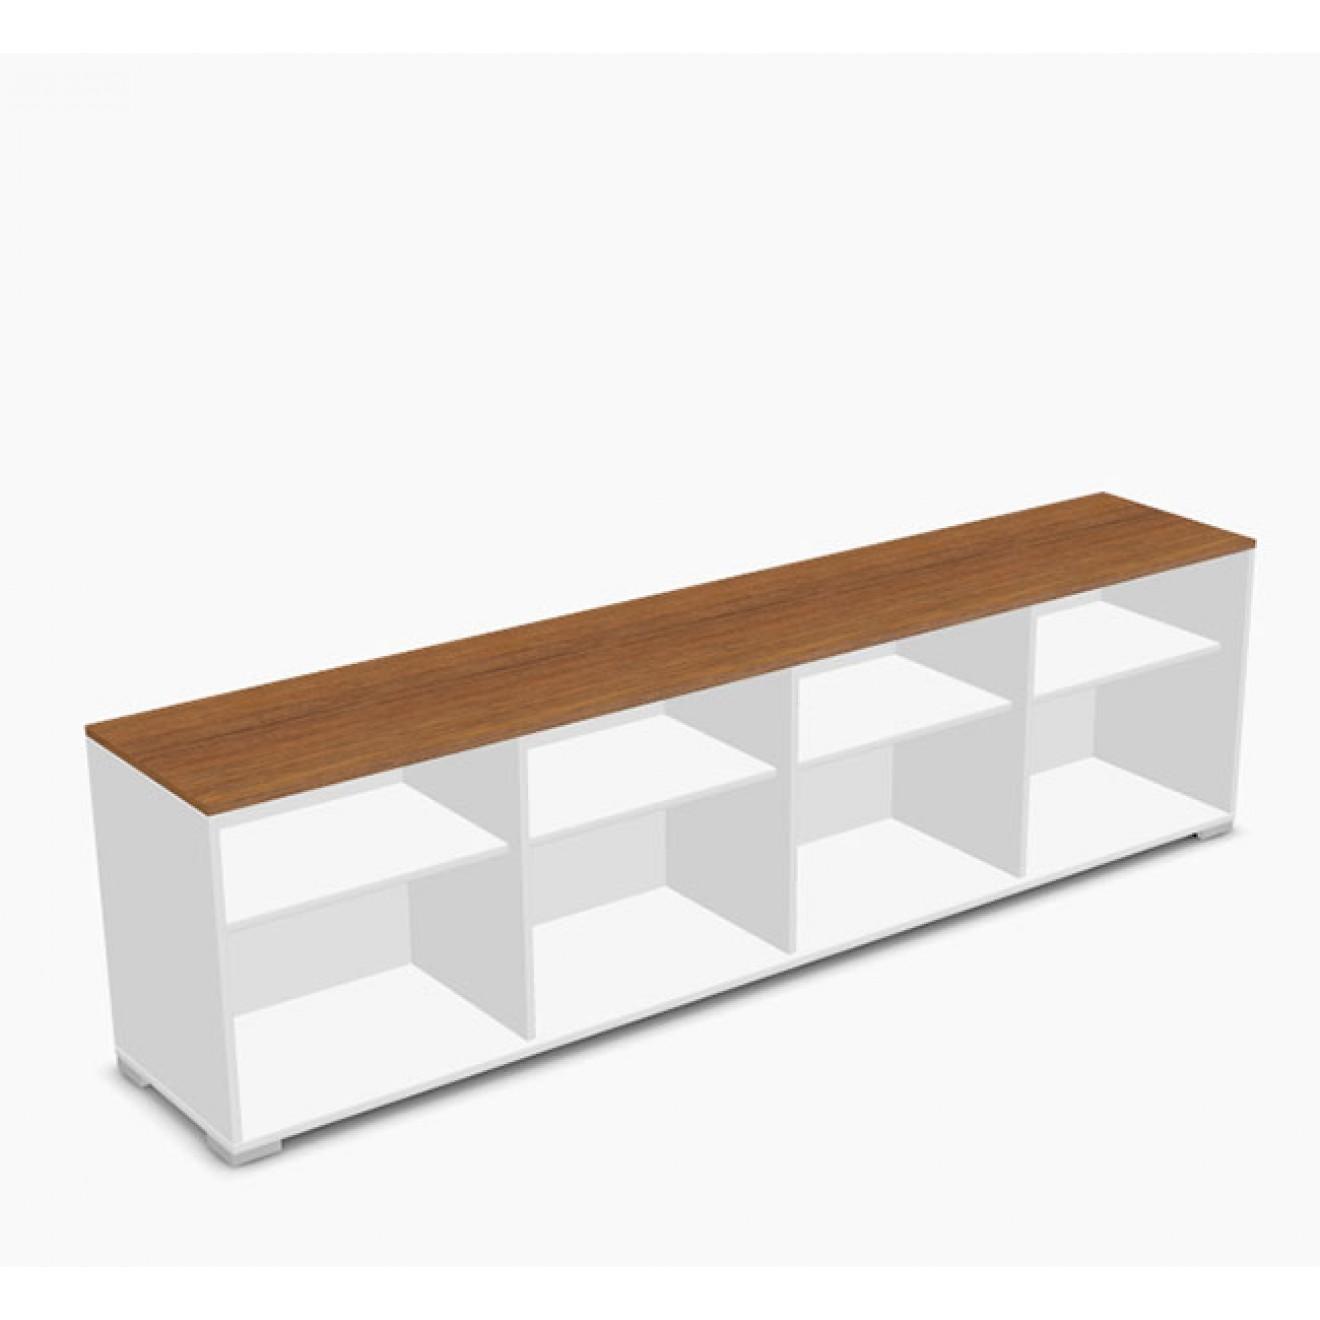 palmberg regal select se ar 2315 s. Black Bedroom Furniture Sets. Home Design Ideas